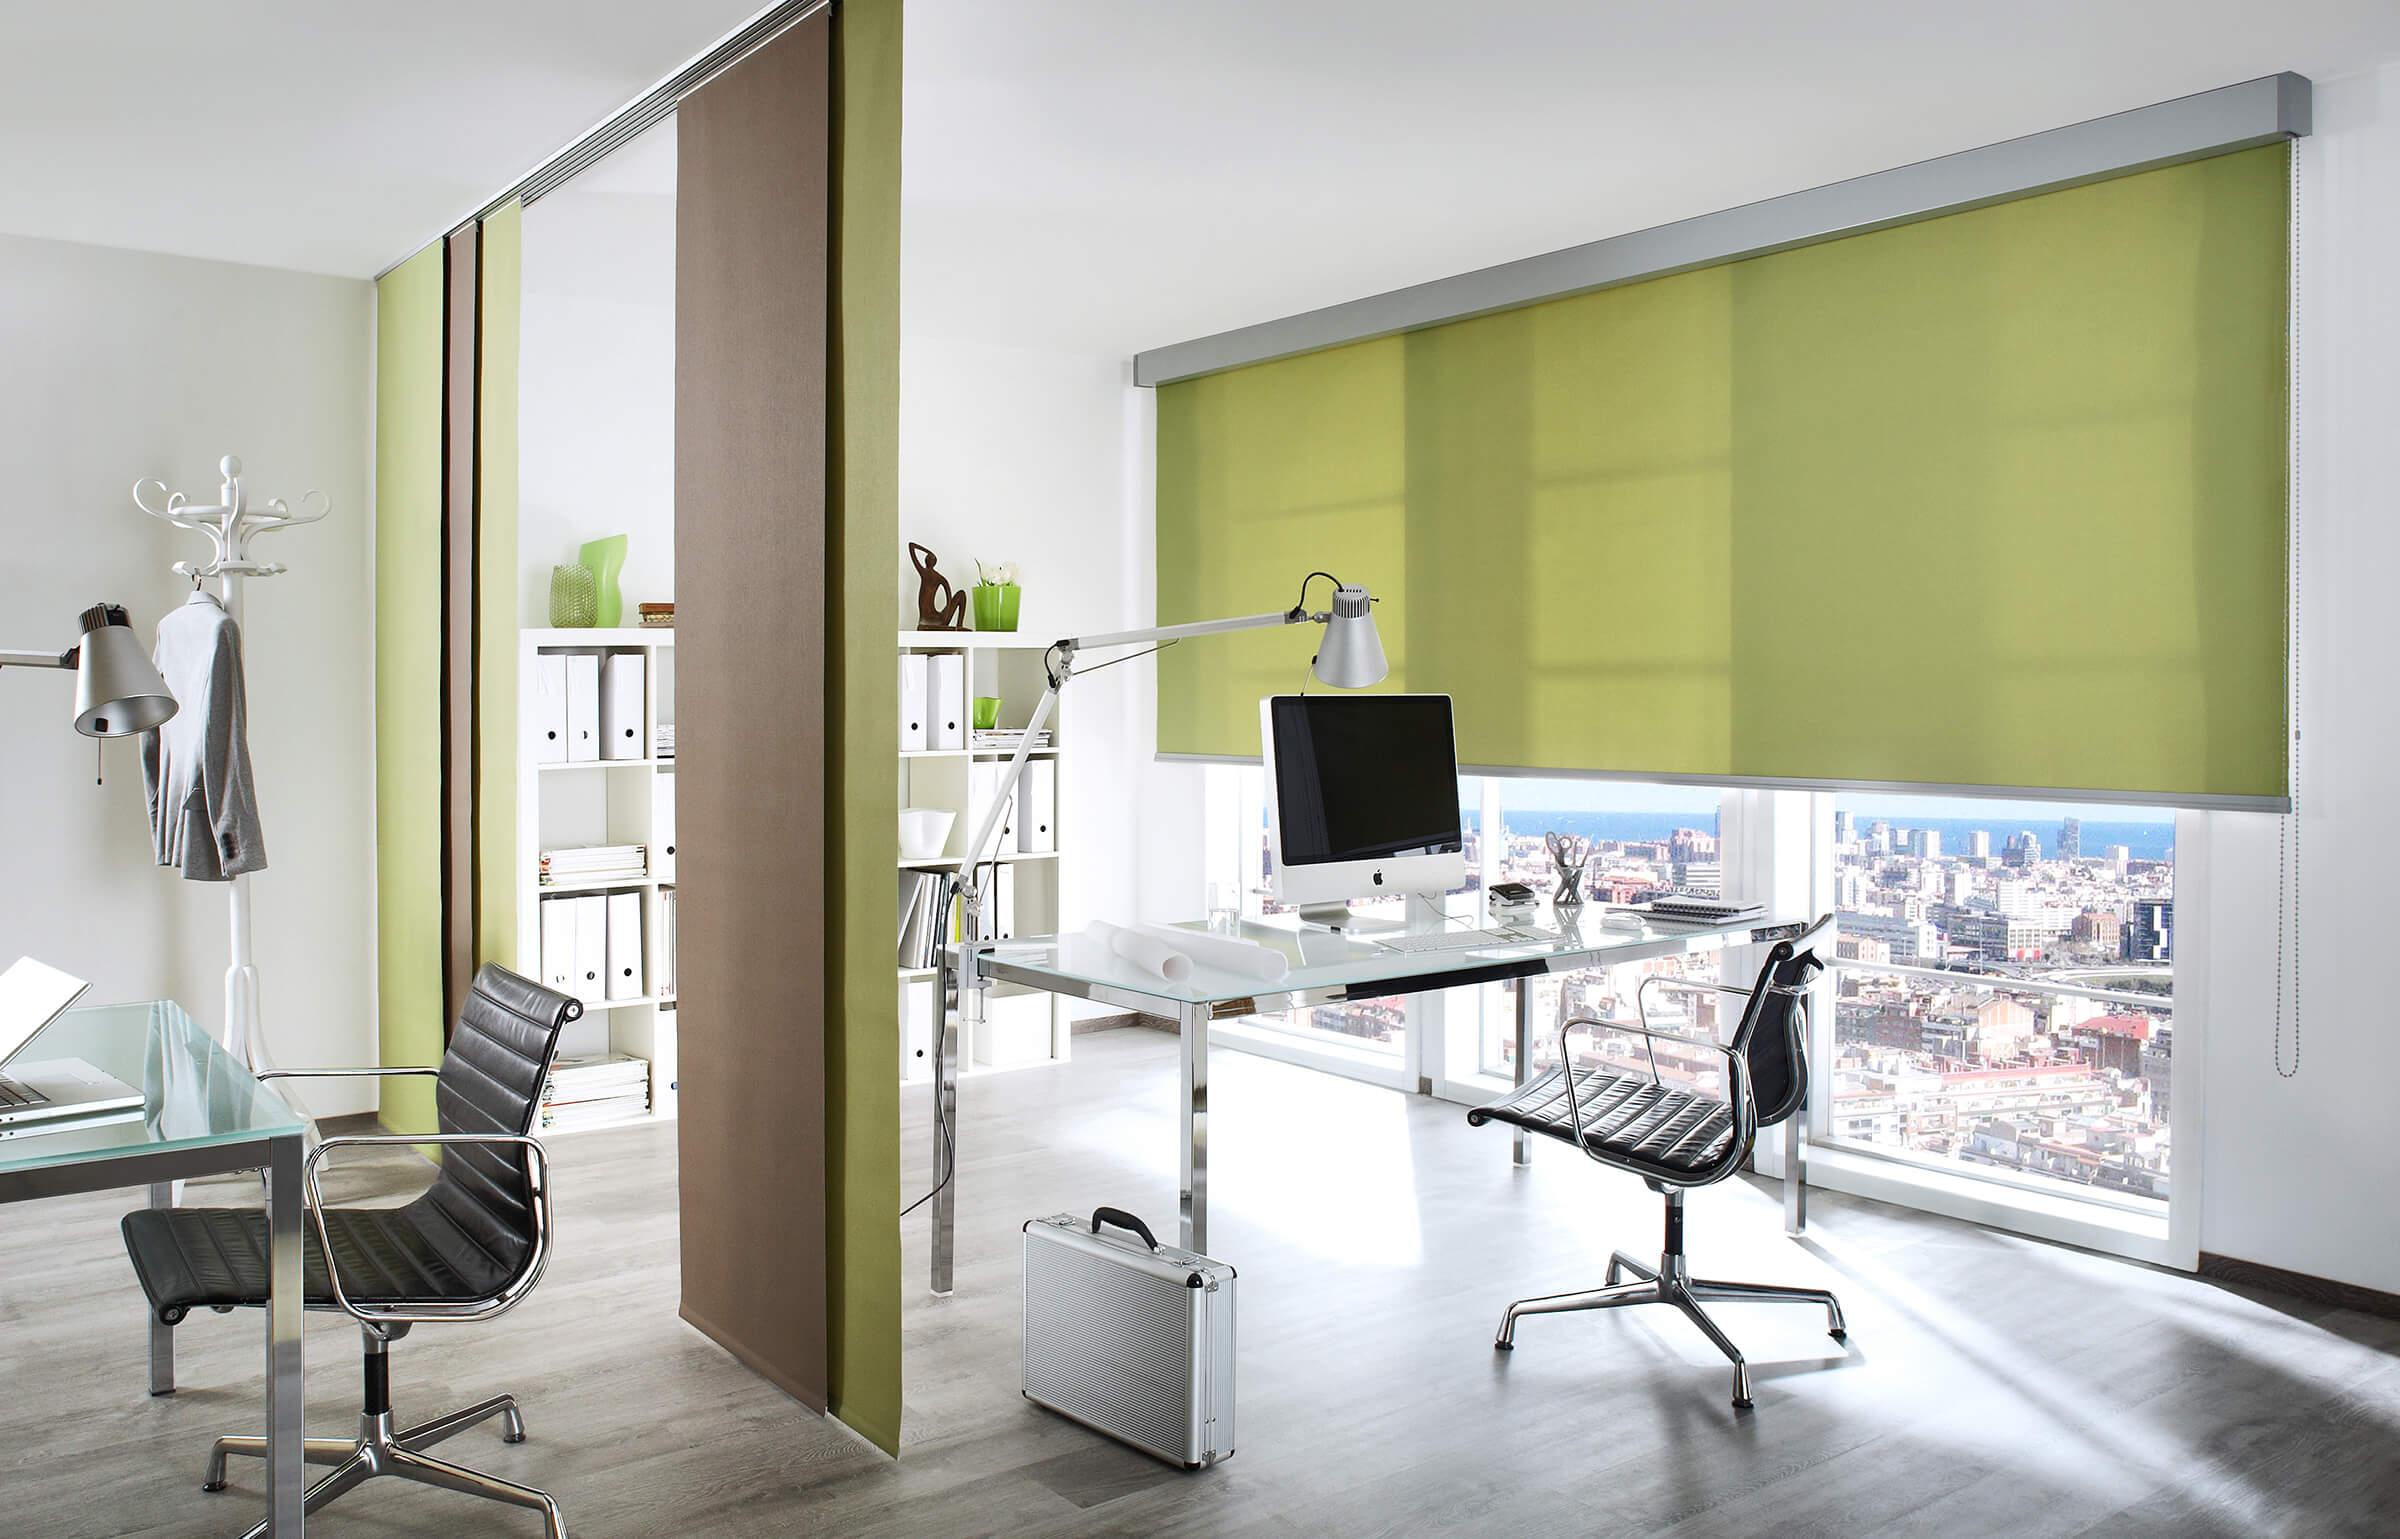 Grünes Sichtschutzrollo am Arbeitsplatz